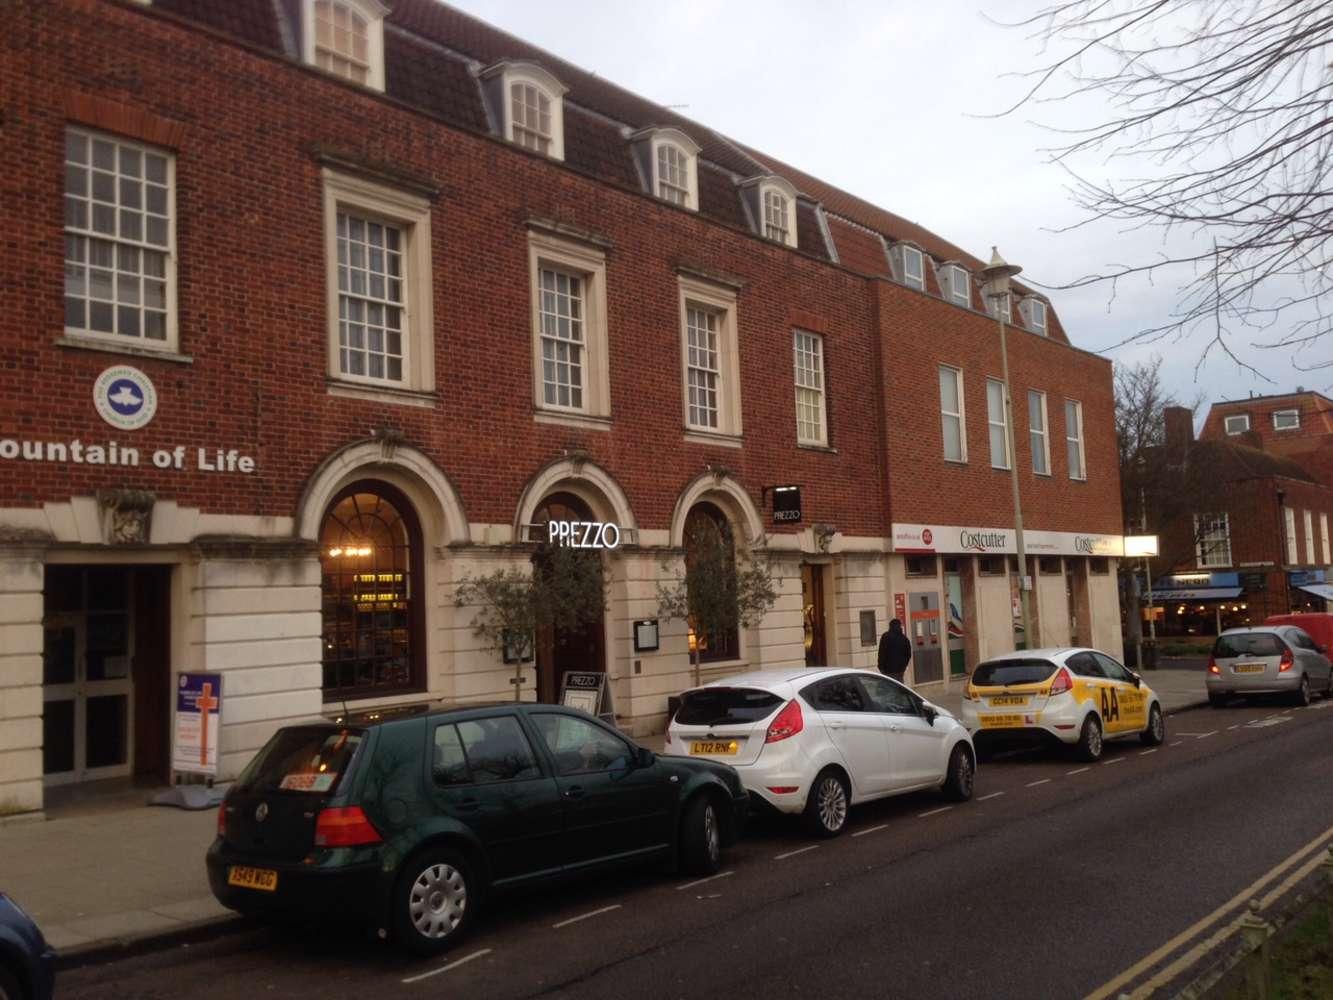 Retail high street Welwyn garden city, AL8 6AA - 17-19 Howardsgate - 0201